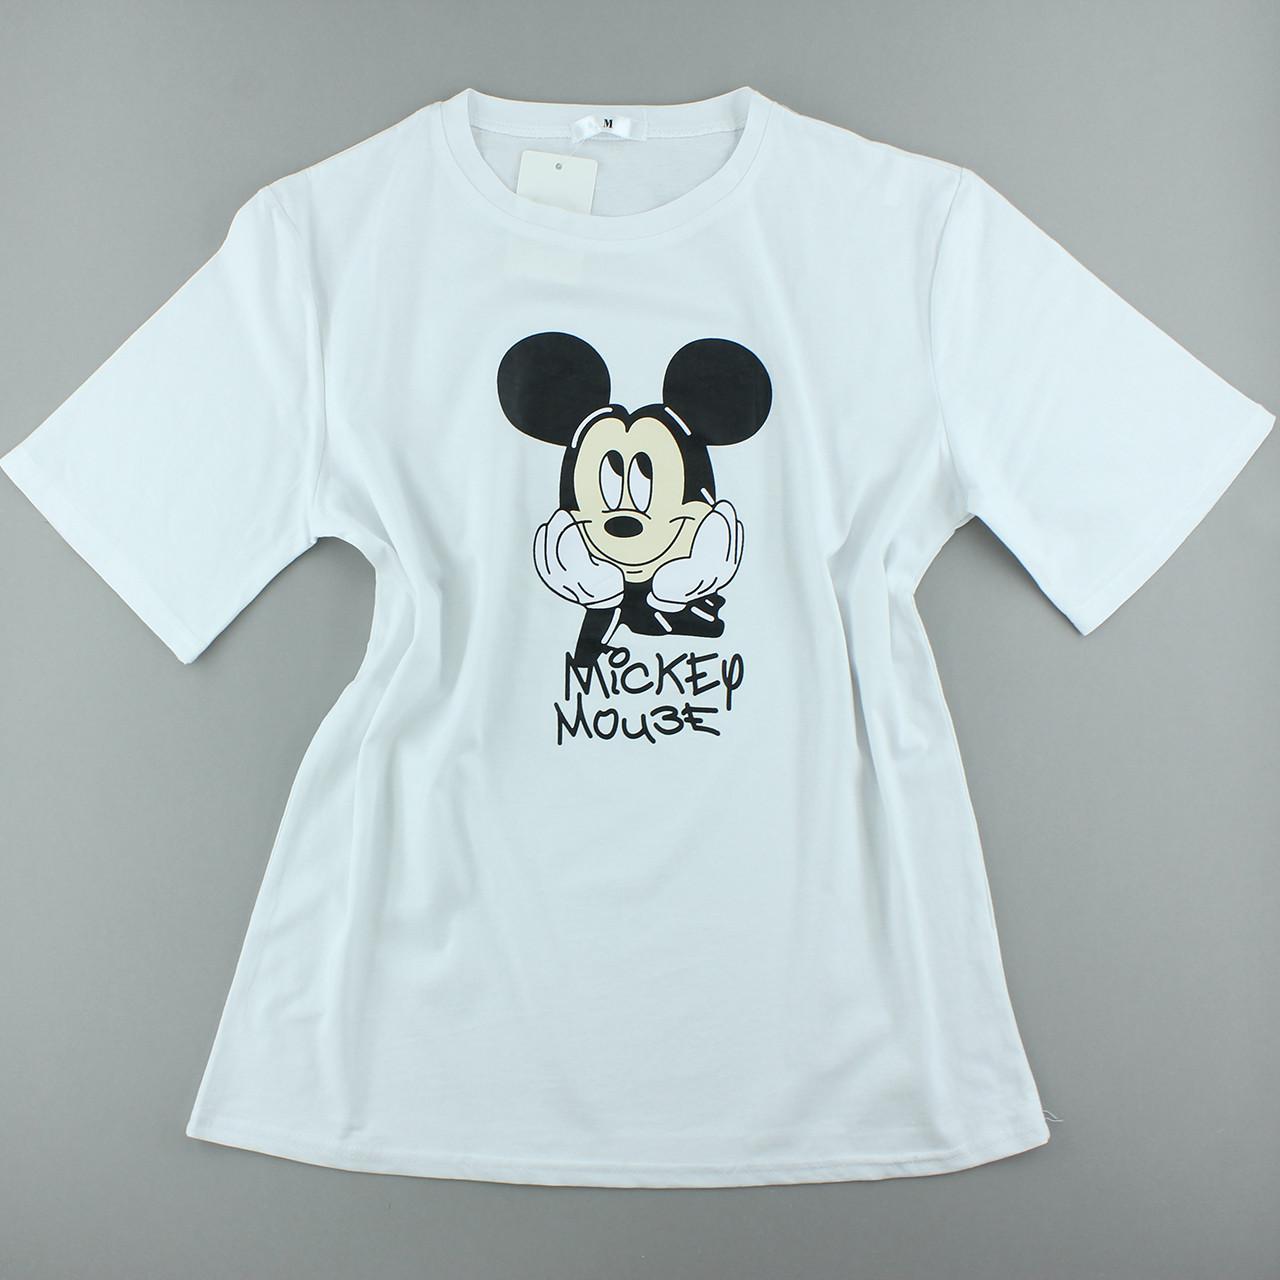 Білі підліткові футболки з бавовни, оверсайз